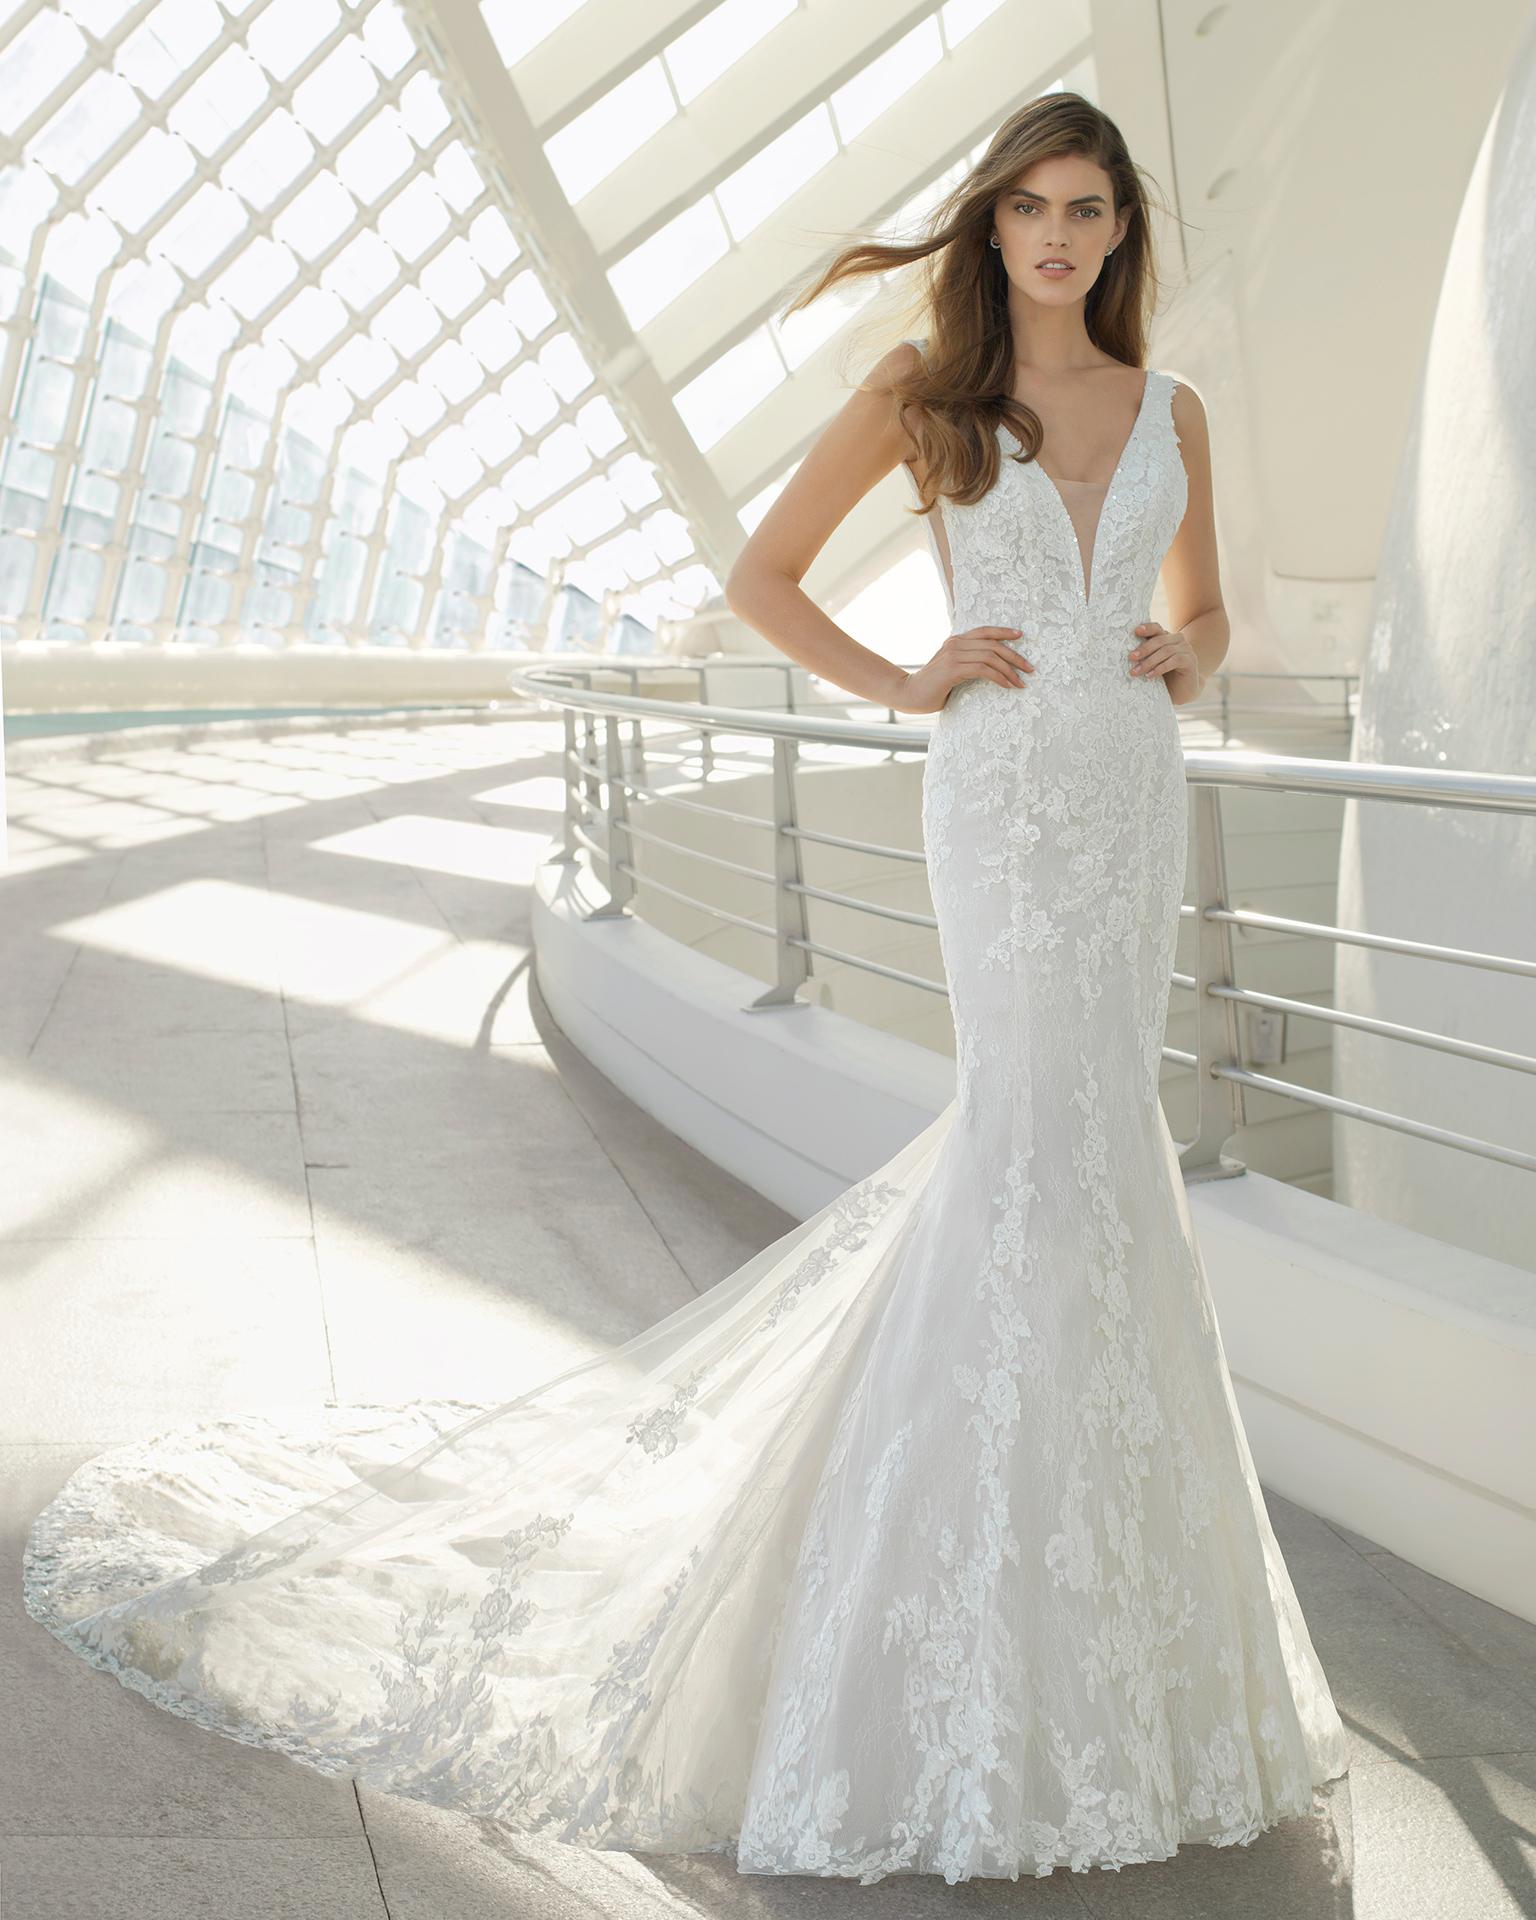 L atelier Rosa Clarà è riuscito ancora una volta a offrire una ricchissima collezione  di abiti da sposa 2018 arricchita da modelli preziosi ma soprattutto ... 25326760d03